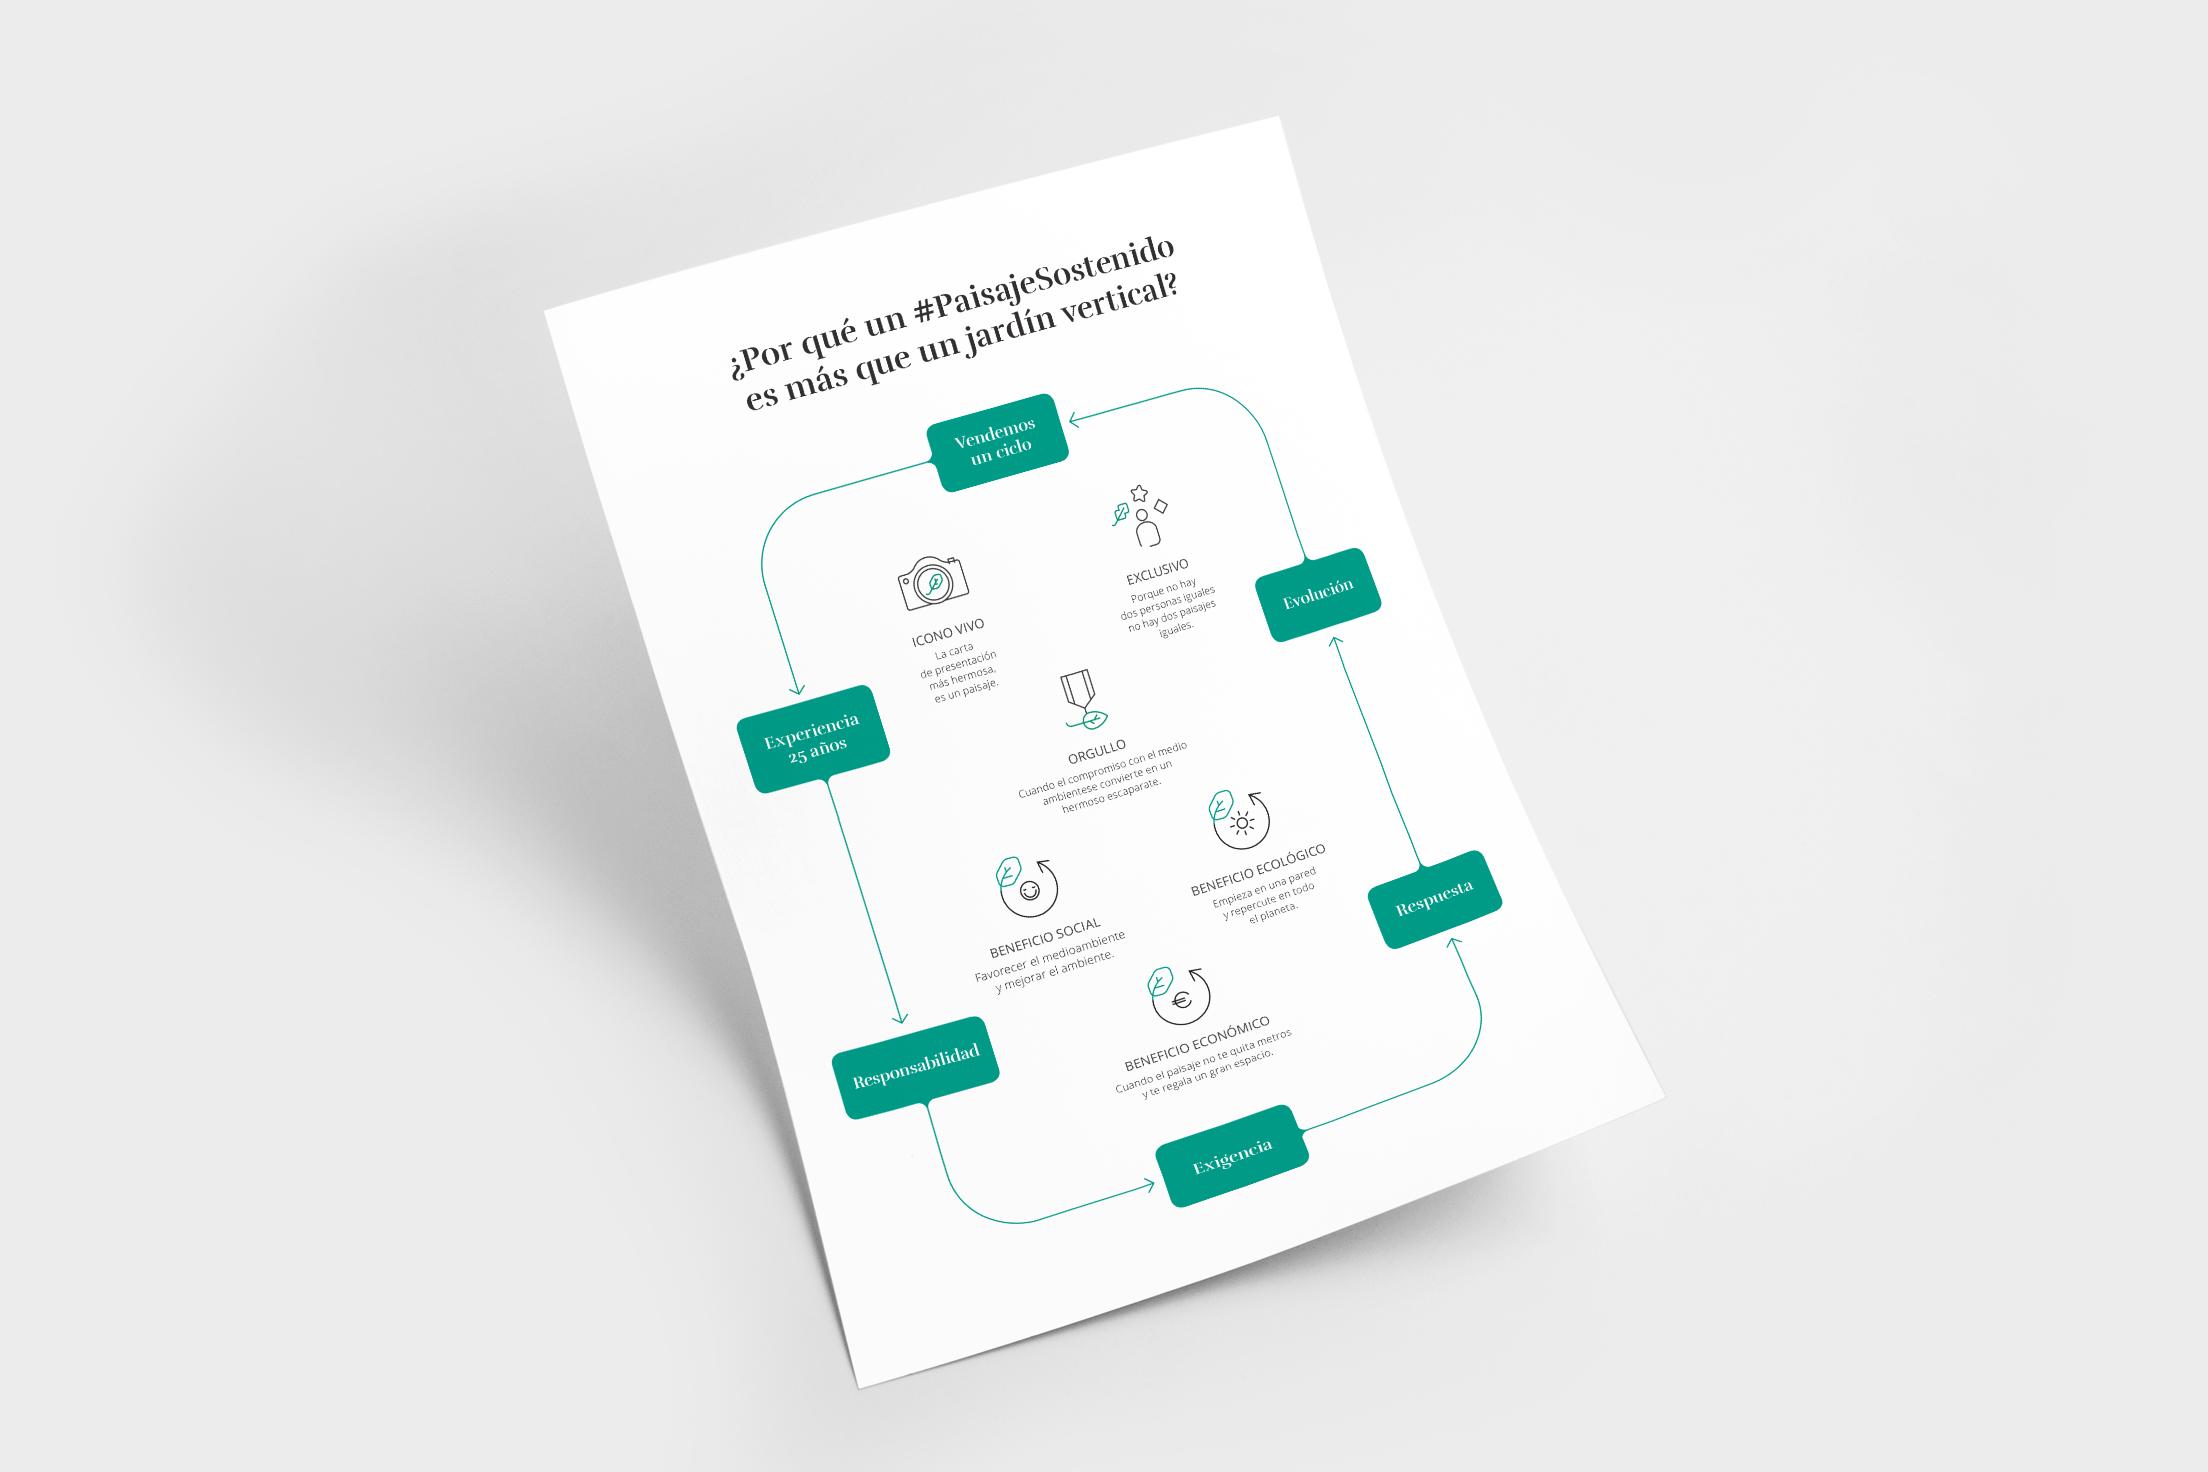 Diseño de infografía para Paisaje Sostenido